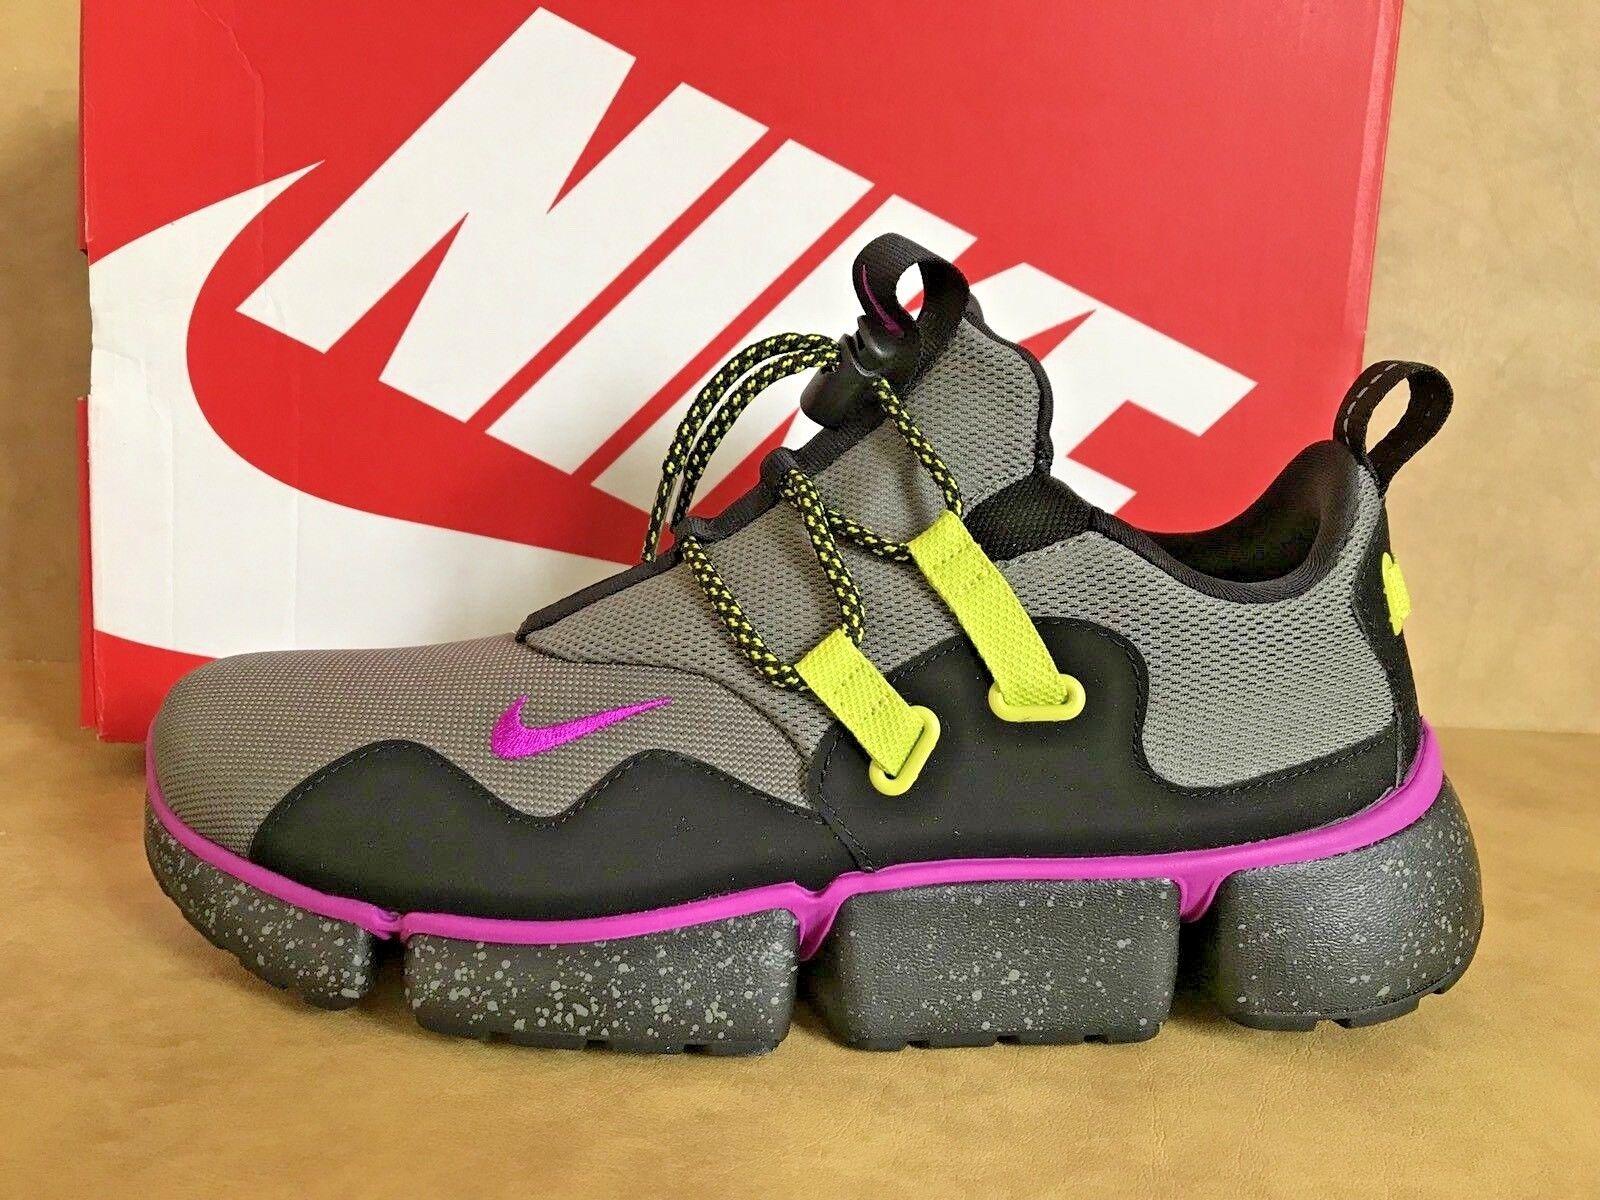 Scarpe da ginnastica nike Uomo coltellino dm su river rock violet nero sz10 scarpa da corsa